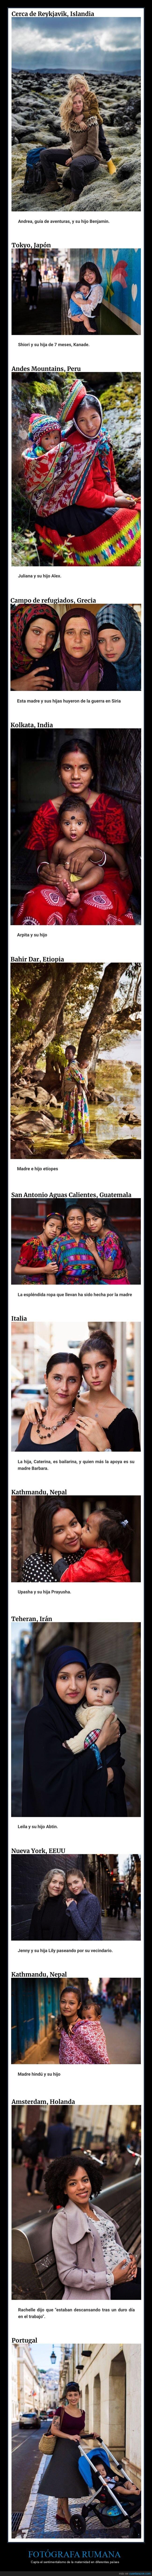 fotografía,madres,países